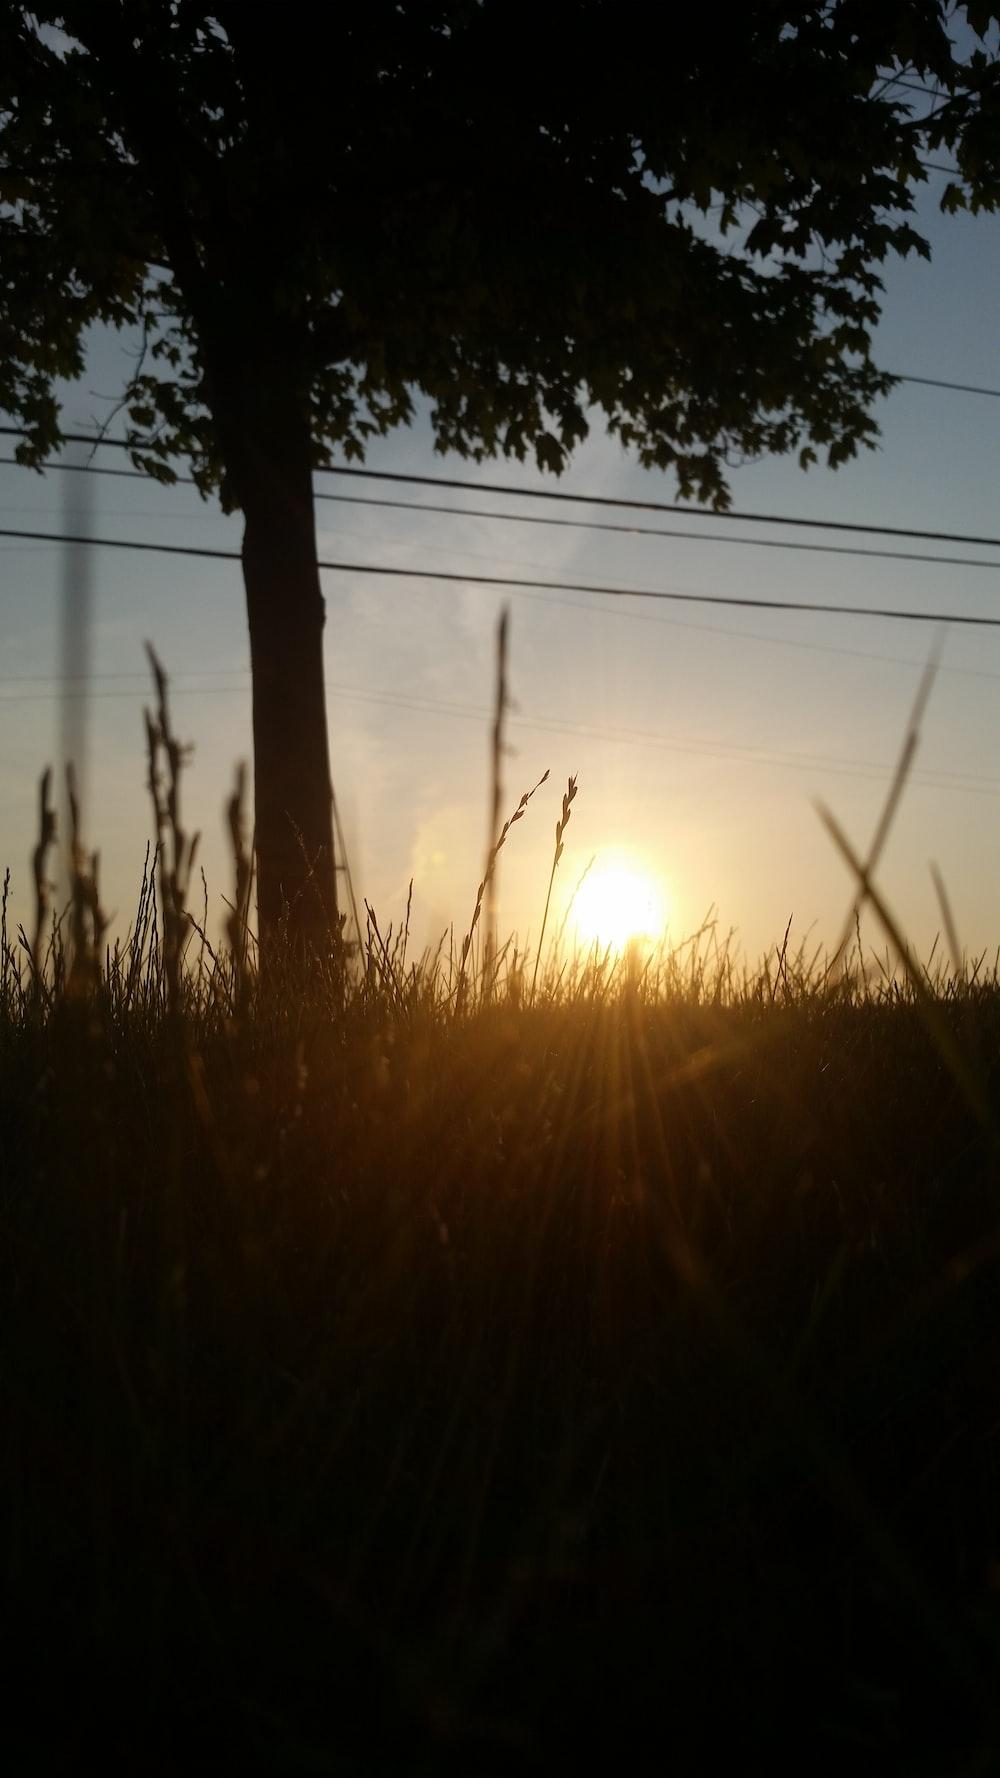 grass across sun photo